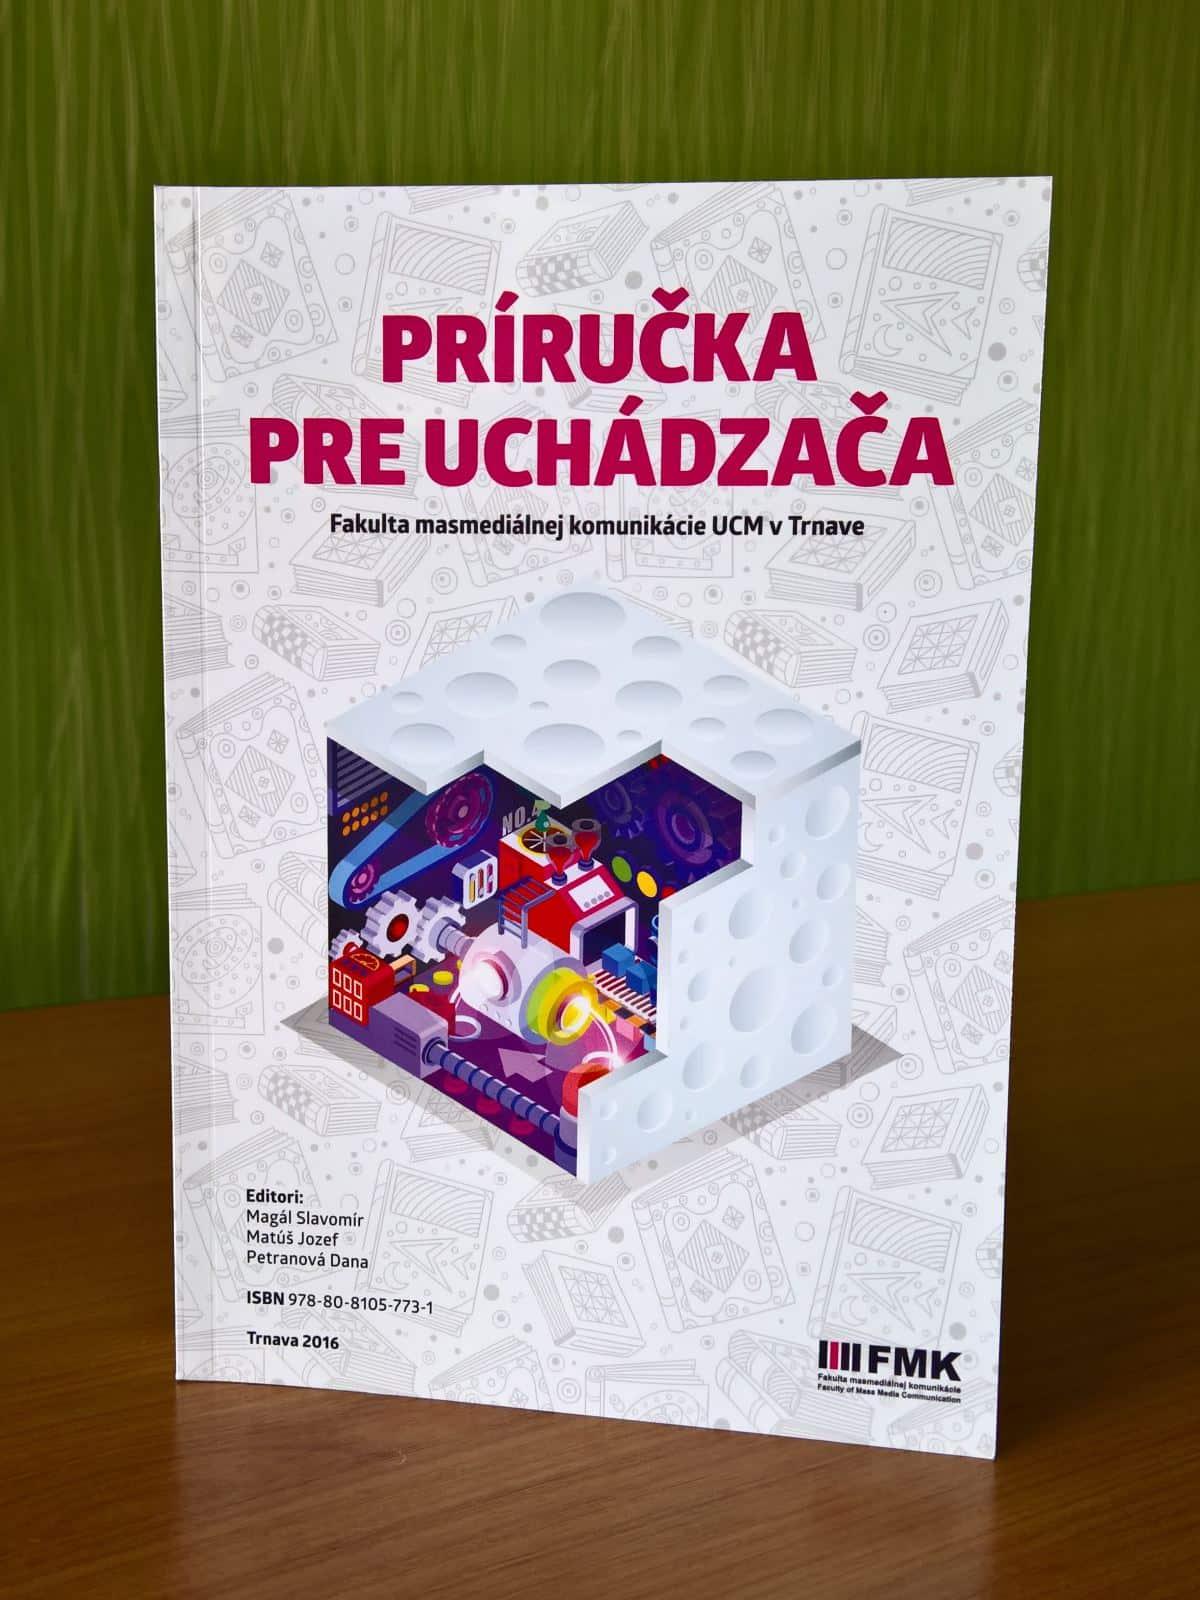 Príručka pre uchádzača o štúdium na Fakulte masmediálnej komunikácie UCM v Trnave